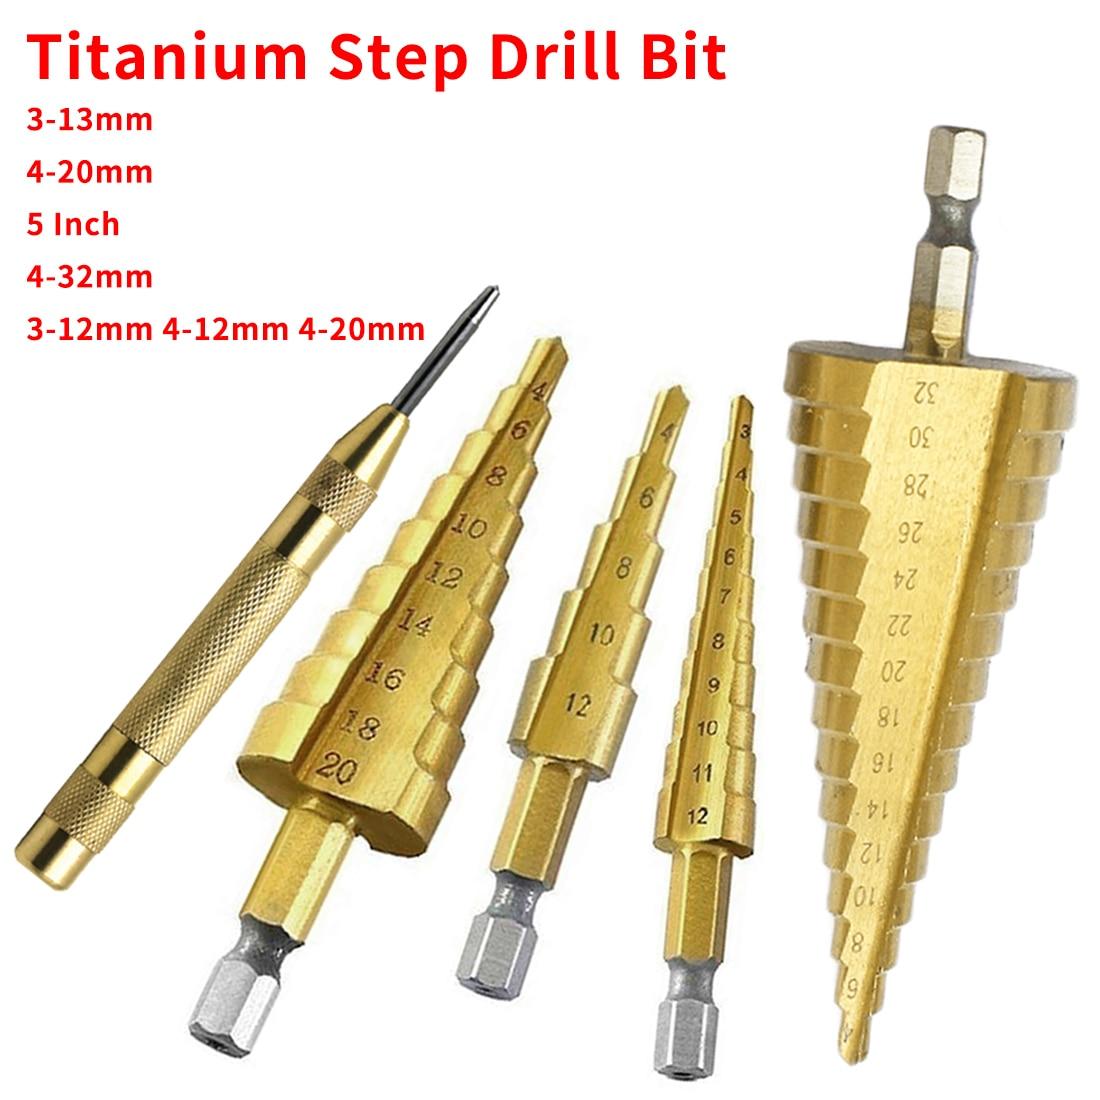 HSS Steel Titanium Step Drill Bit 3-12mm 4-12mm 4-20mm Step Cone Cutt Tools Metal Drill Bit Set for Woodworking Wood